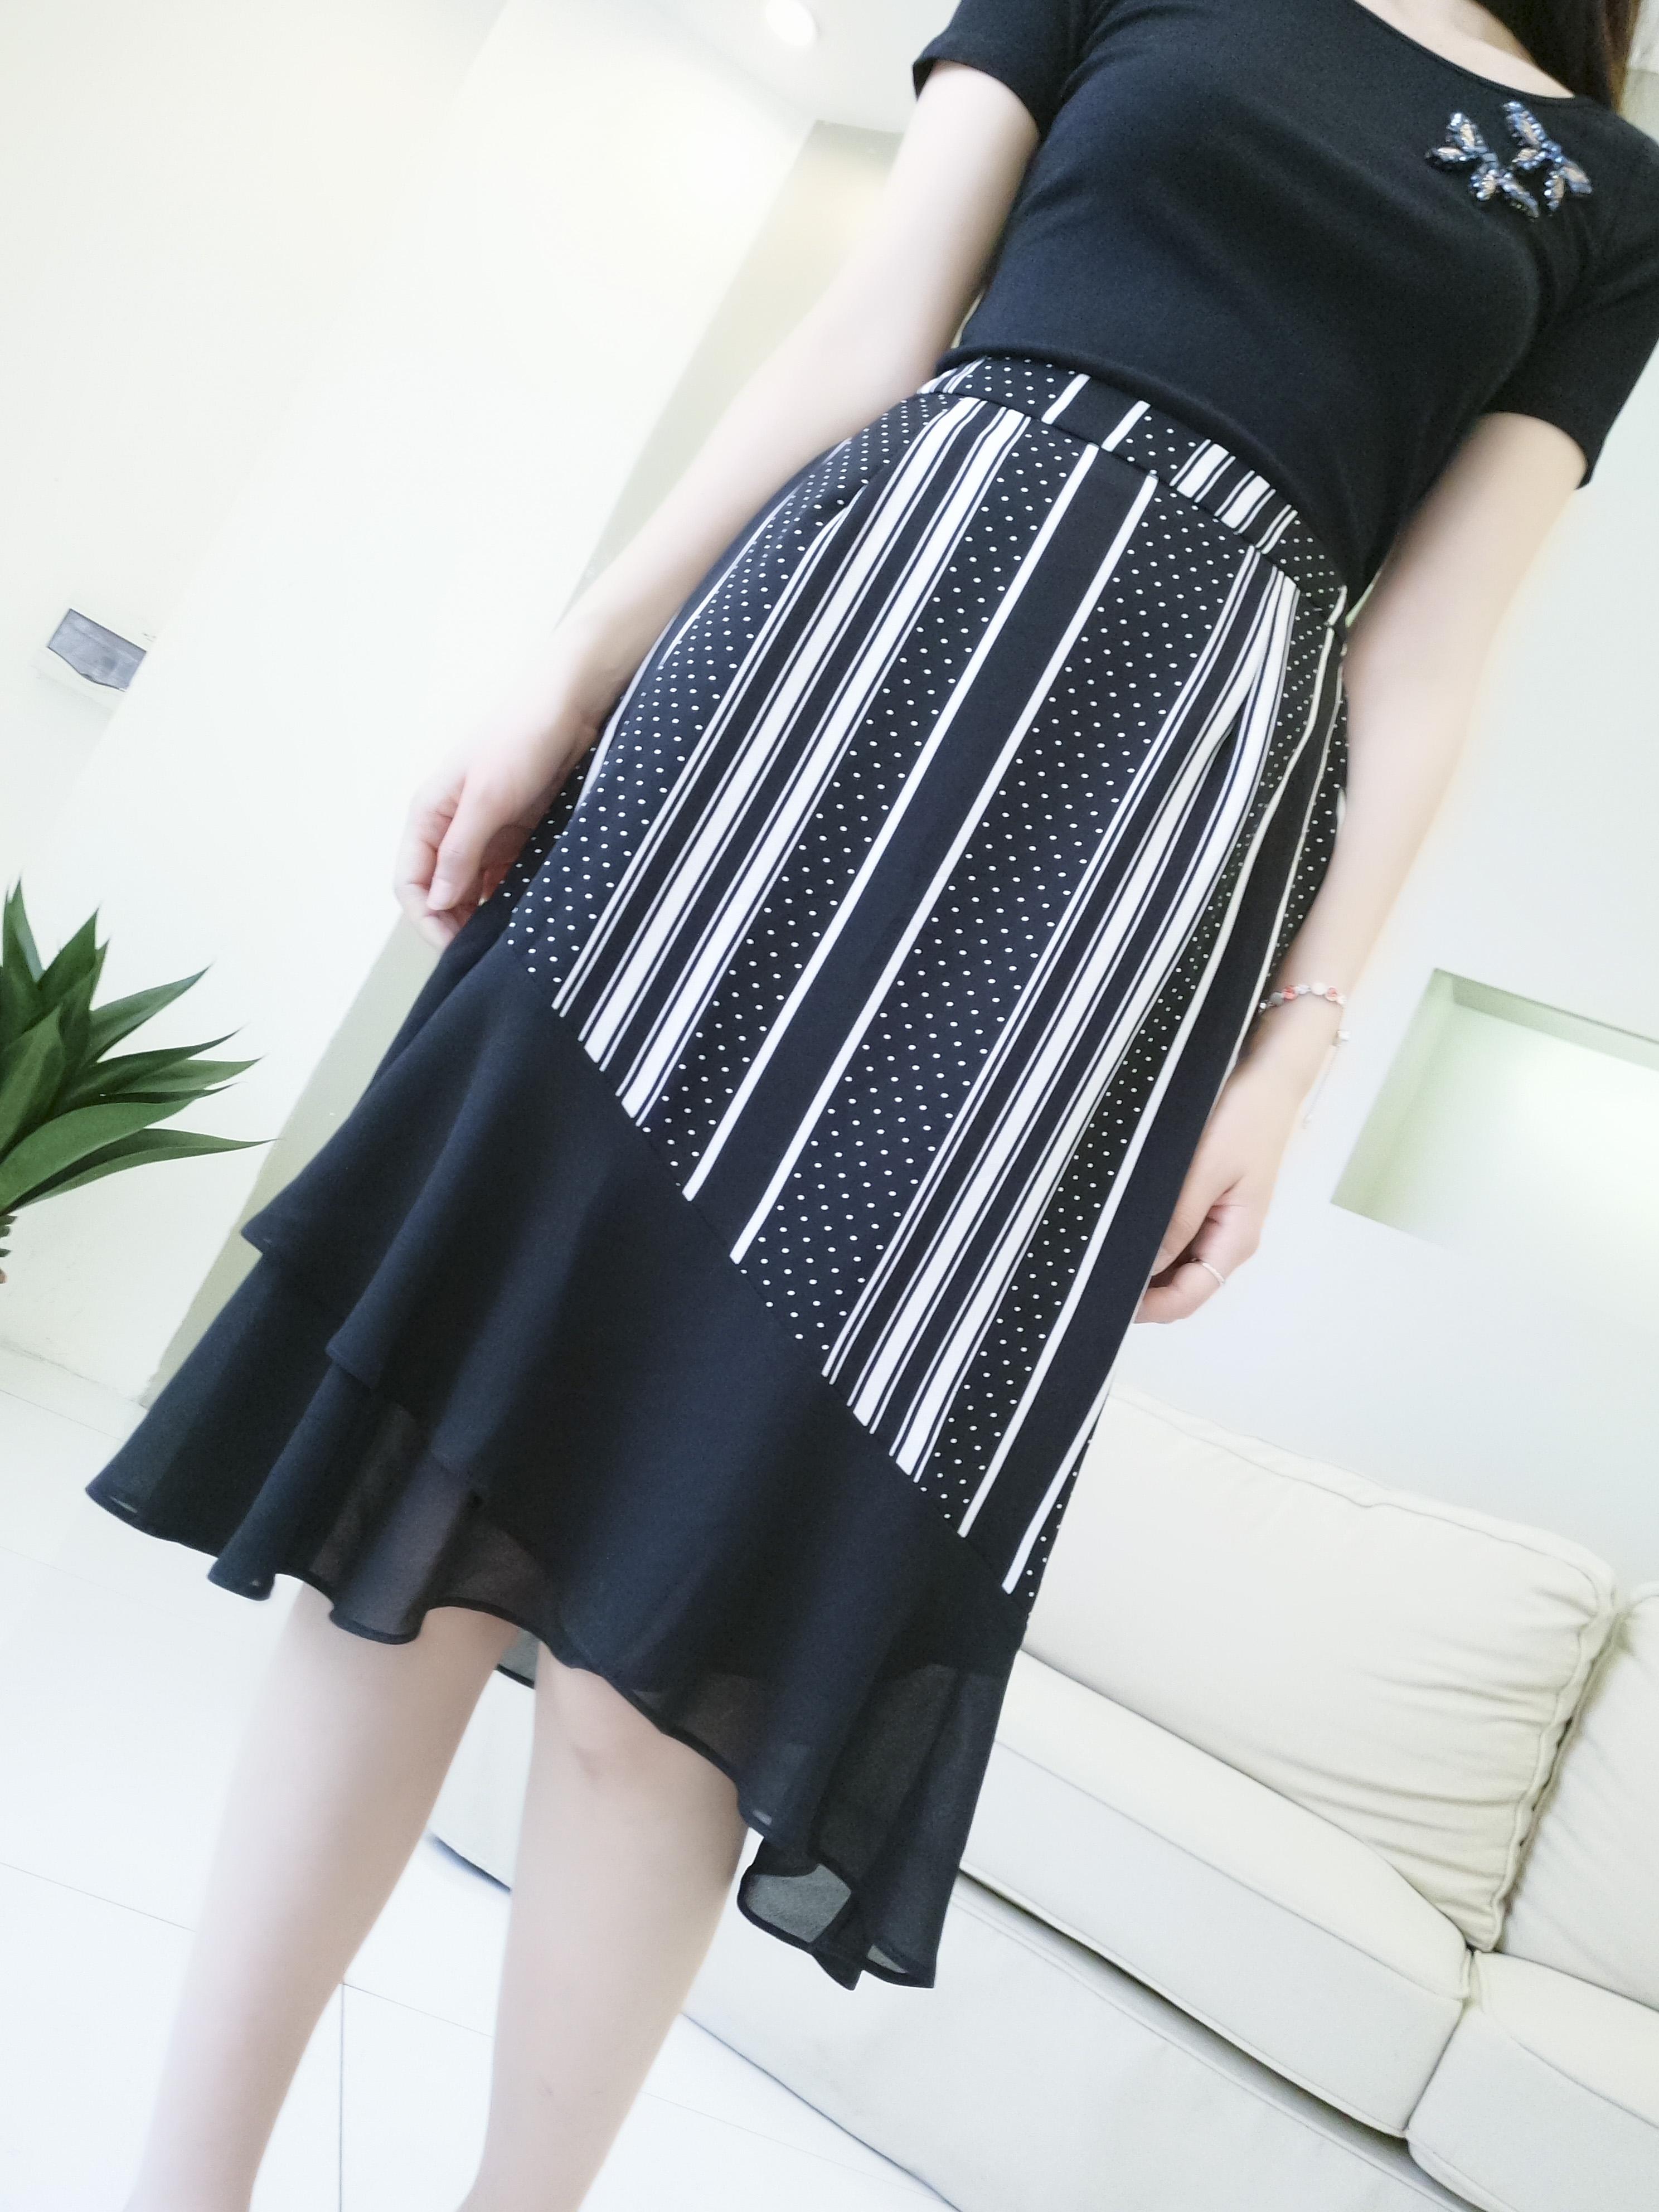 祖艾 定制  优雅lady~女神范条纹拼波点网纱鱼尾半身裙